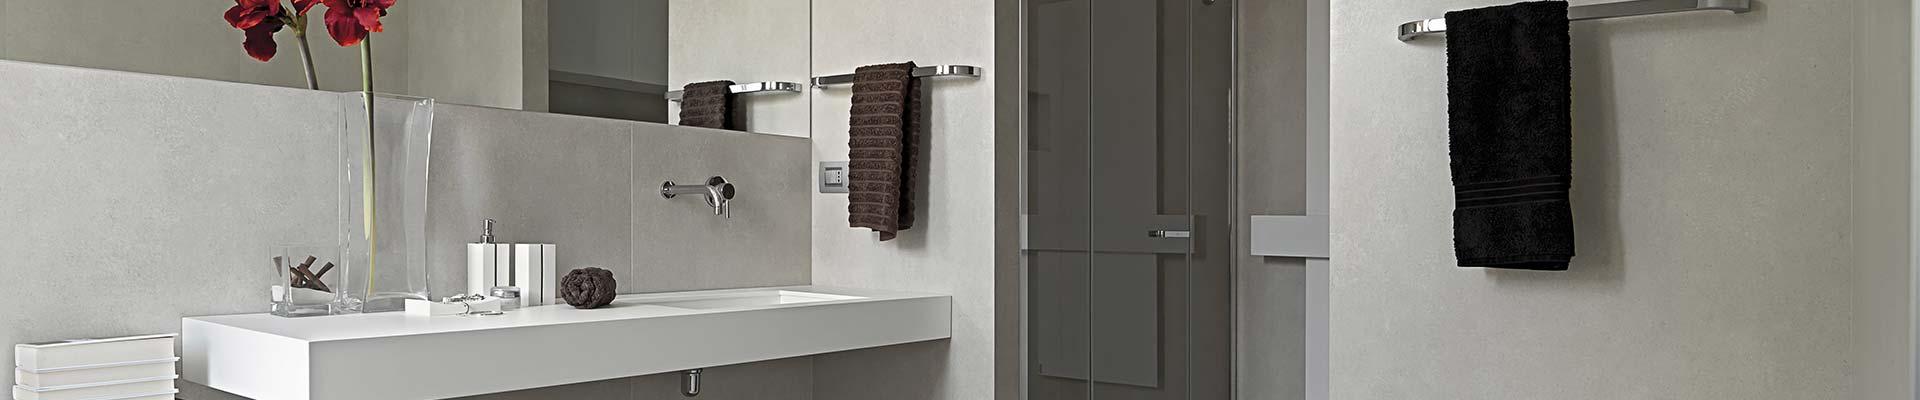 badkamerrenovatie Meeuwen-Gruitrode